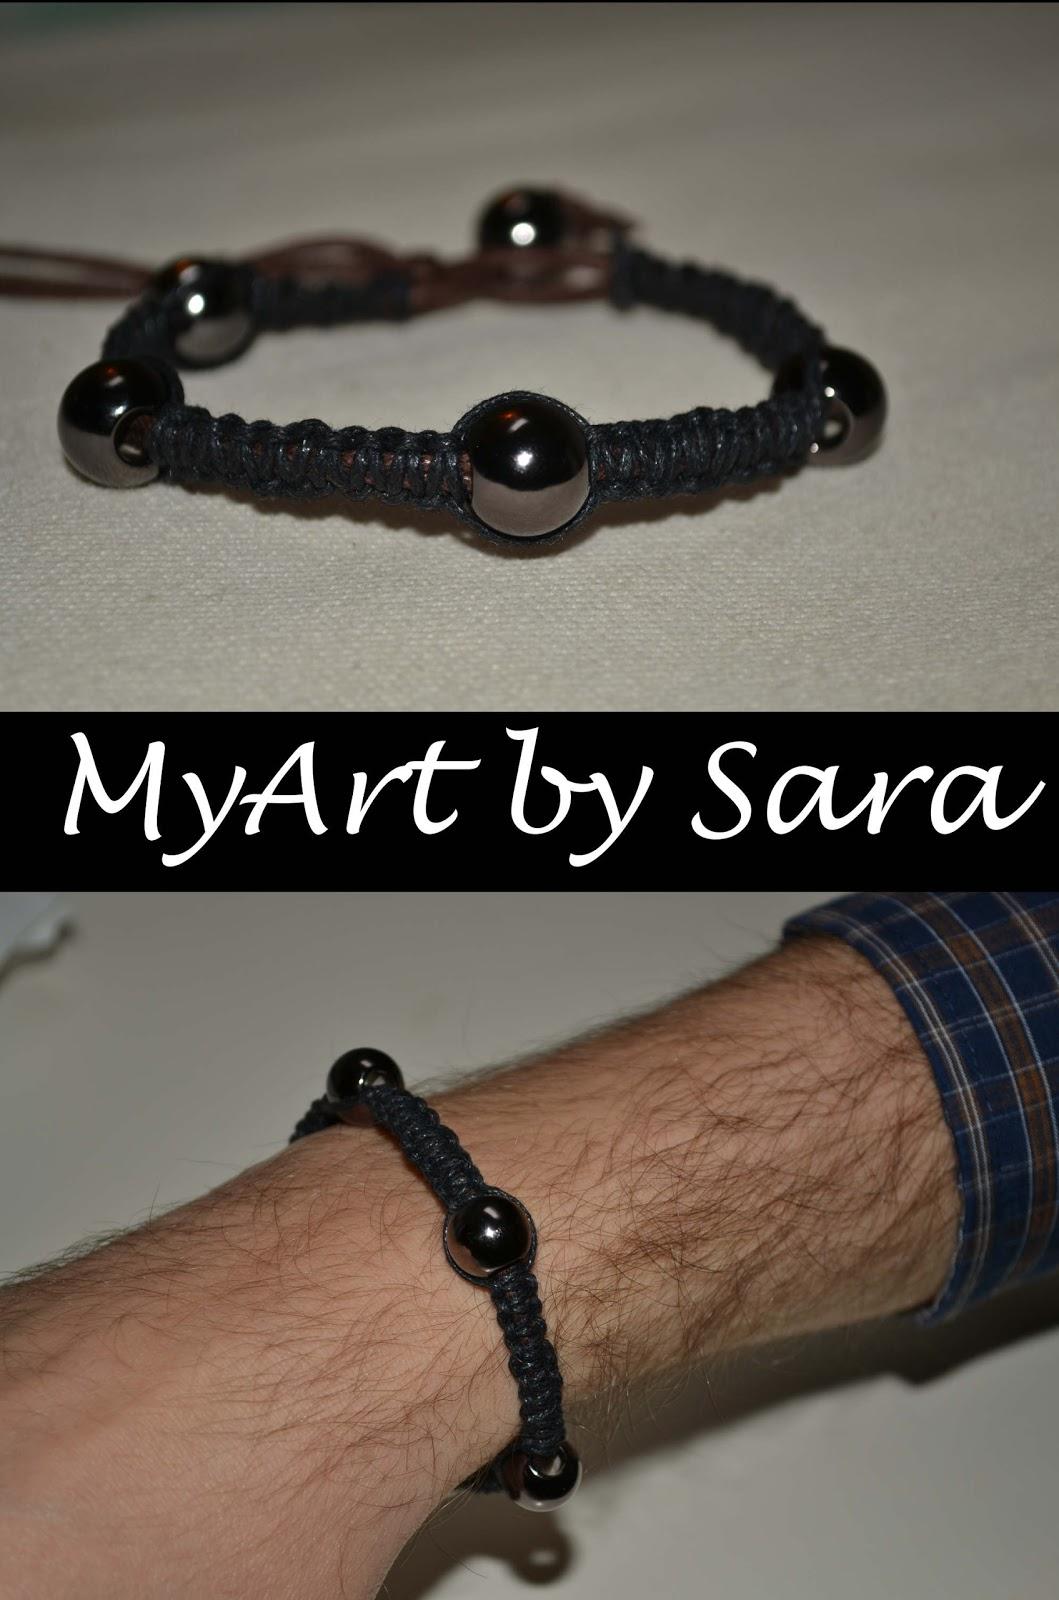 Bien-aimé MyArt by Sara: Braccialetti da uomo ZX25